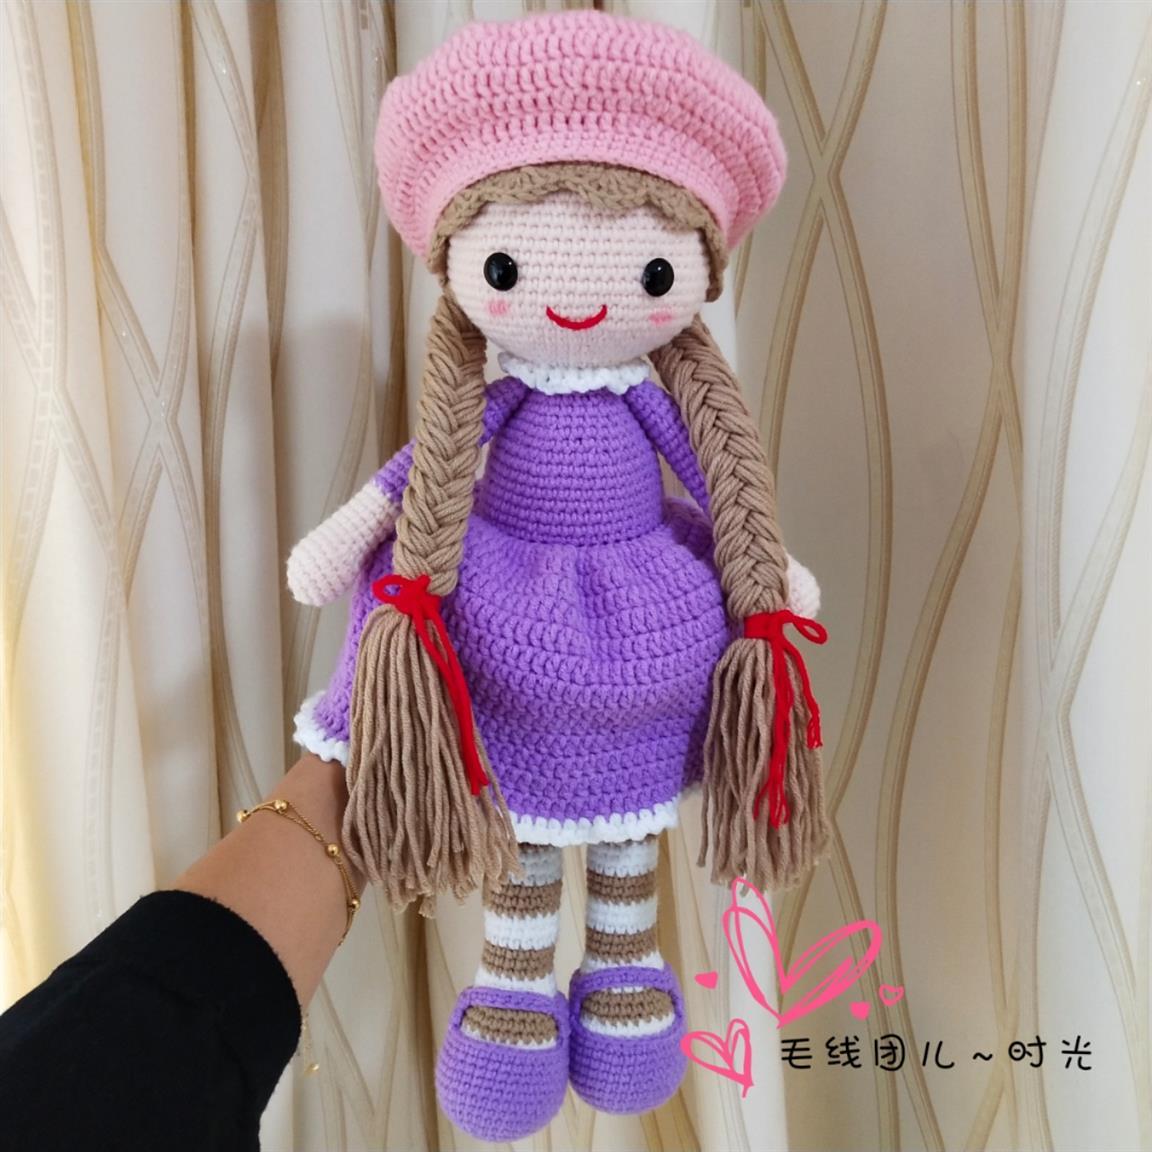 钩针毛线玩偶娃娃贝雷帽女孩小姑娘成品 diy 手工编织 毛线团儿时光